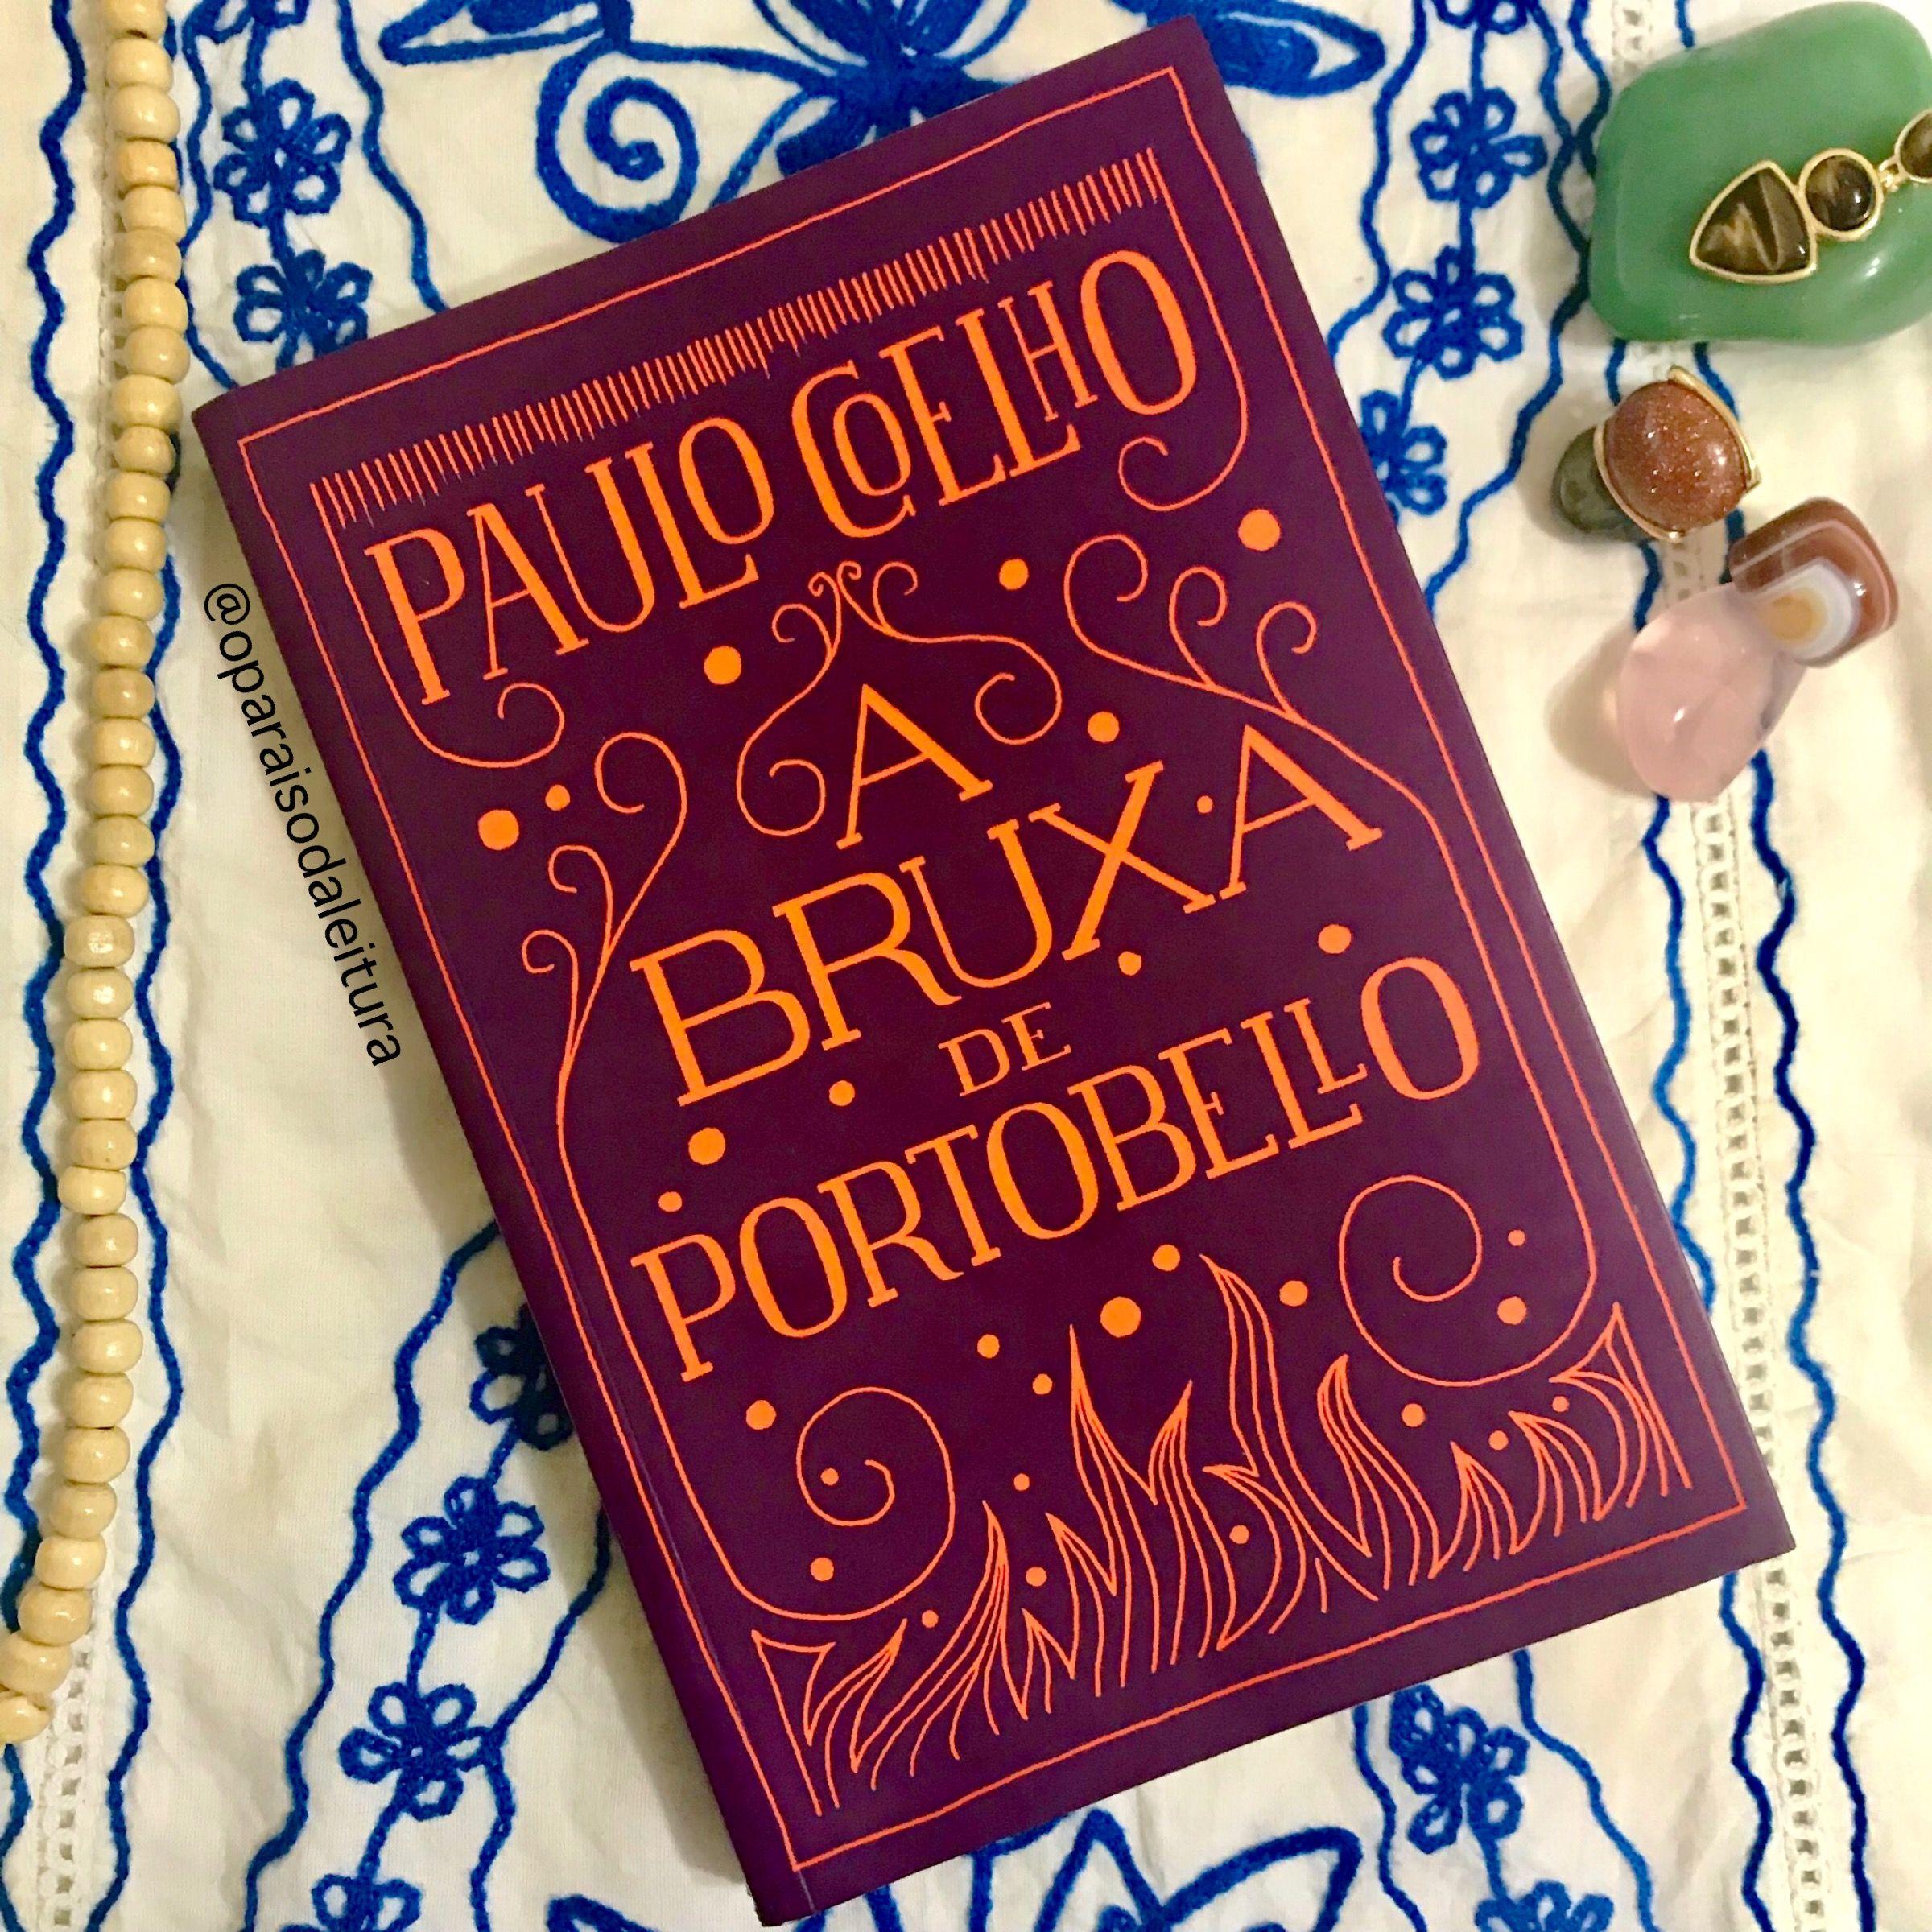 """A Bruxa de Portobello, de Paulo Coelho. """"Na obra de Paulo Coelho não faltam personagens fortes. São homens e mulheres que, para encontrar seu próprio caminho, precisam enfrentar a sociedade e, muitas vezes, eles mesmos. (...)"""